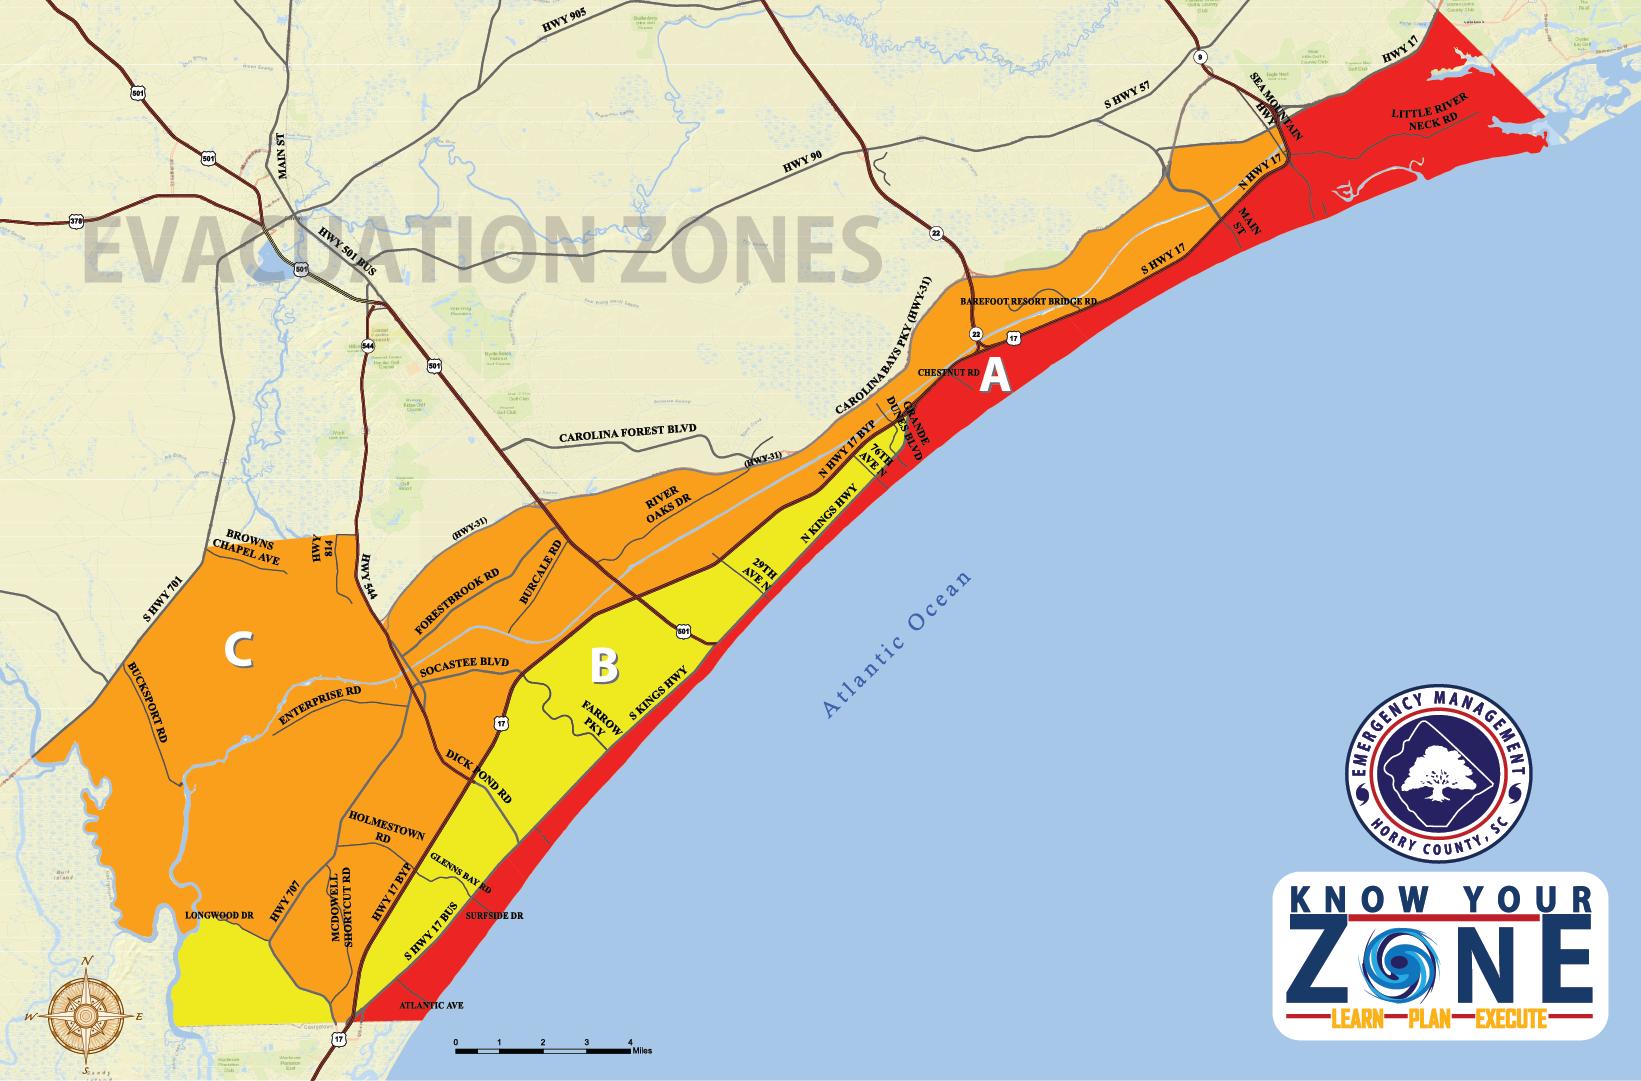 Horry county evacuation zones